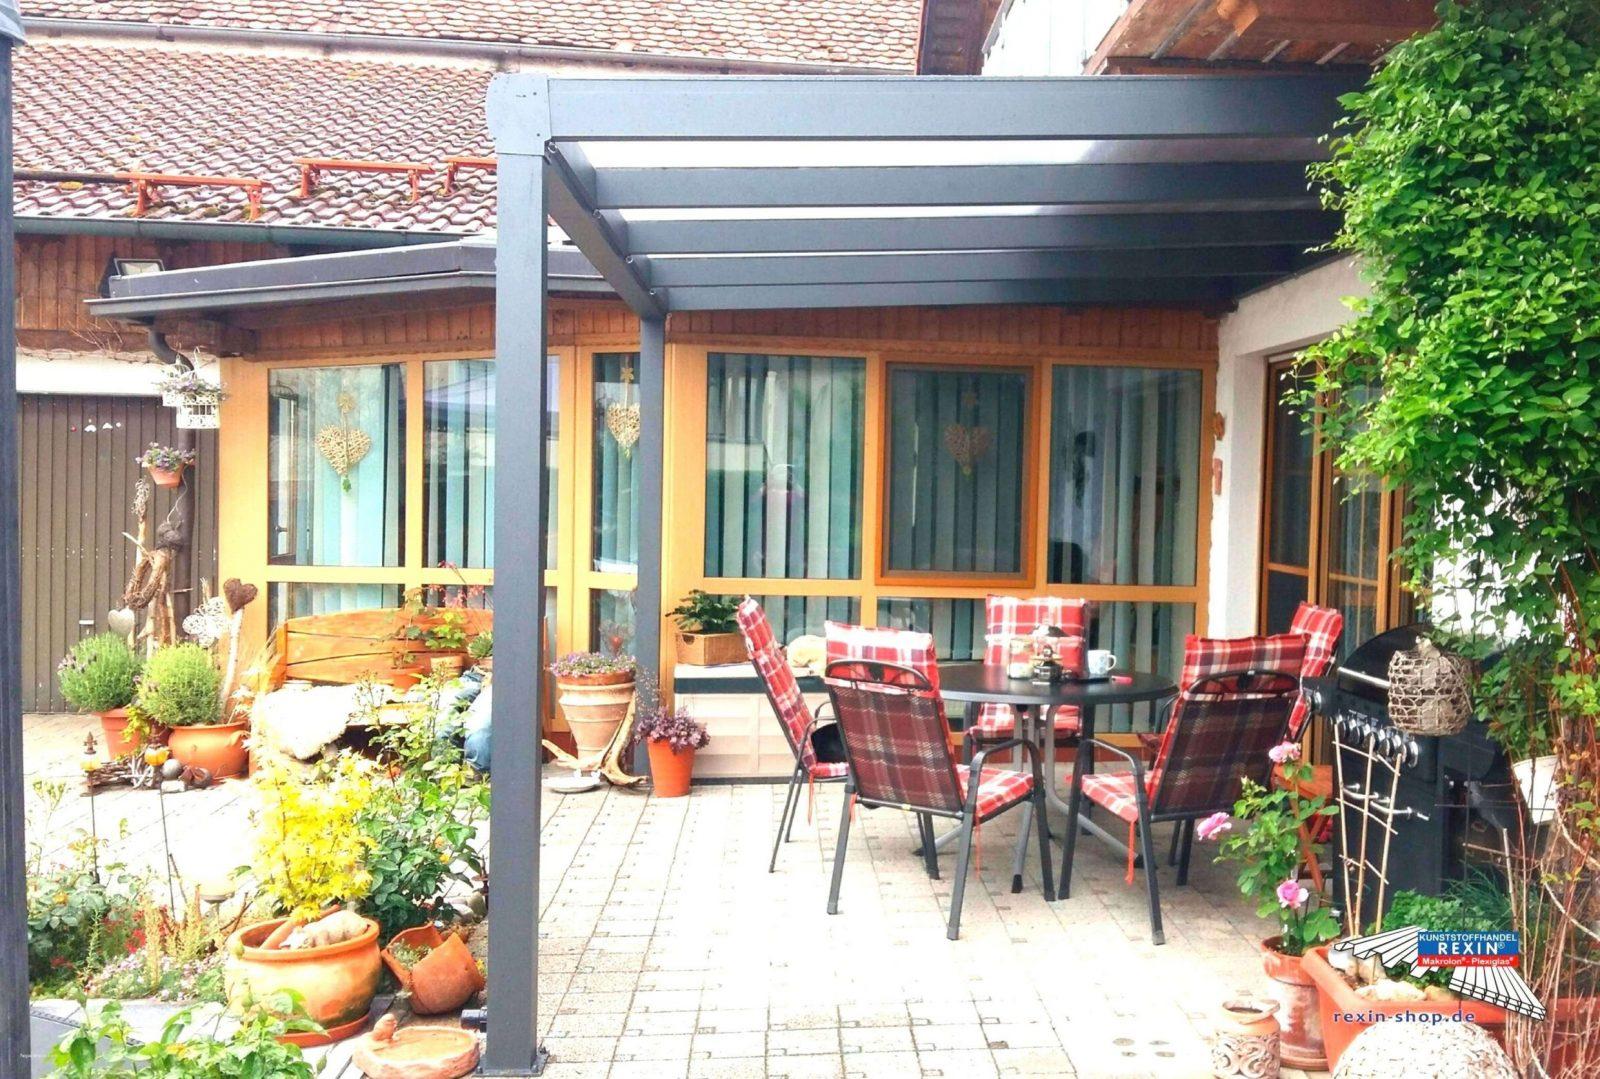 Neu Garten Terrasse Selber Bauen Hopemito Terrasse Im Garten Bauen von Feuerstelle Terrasse Selber Bauen Photo